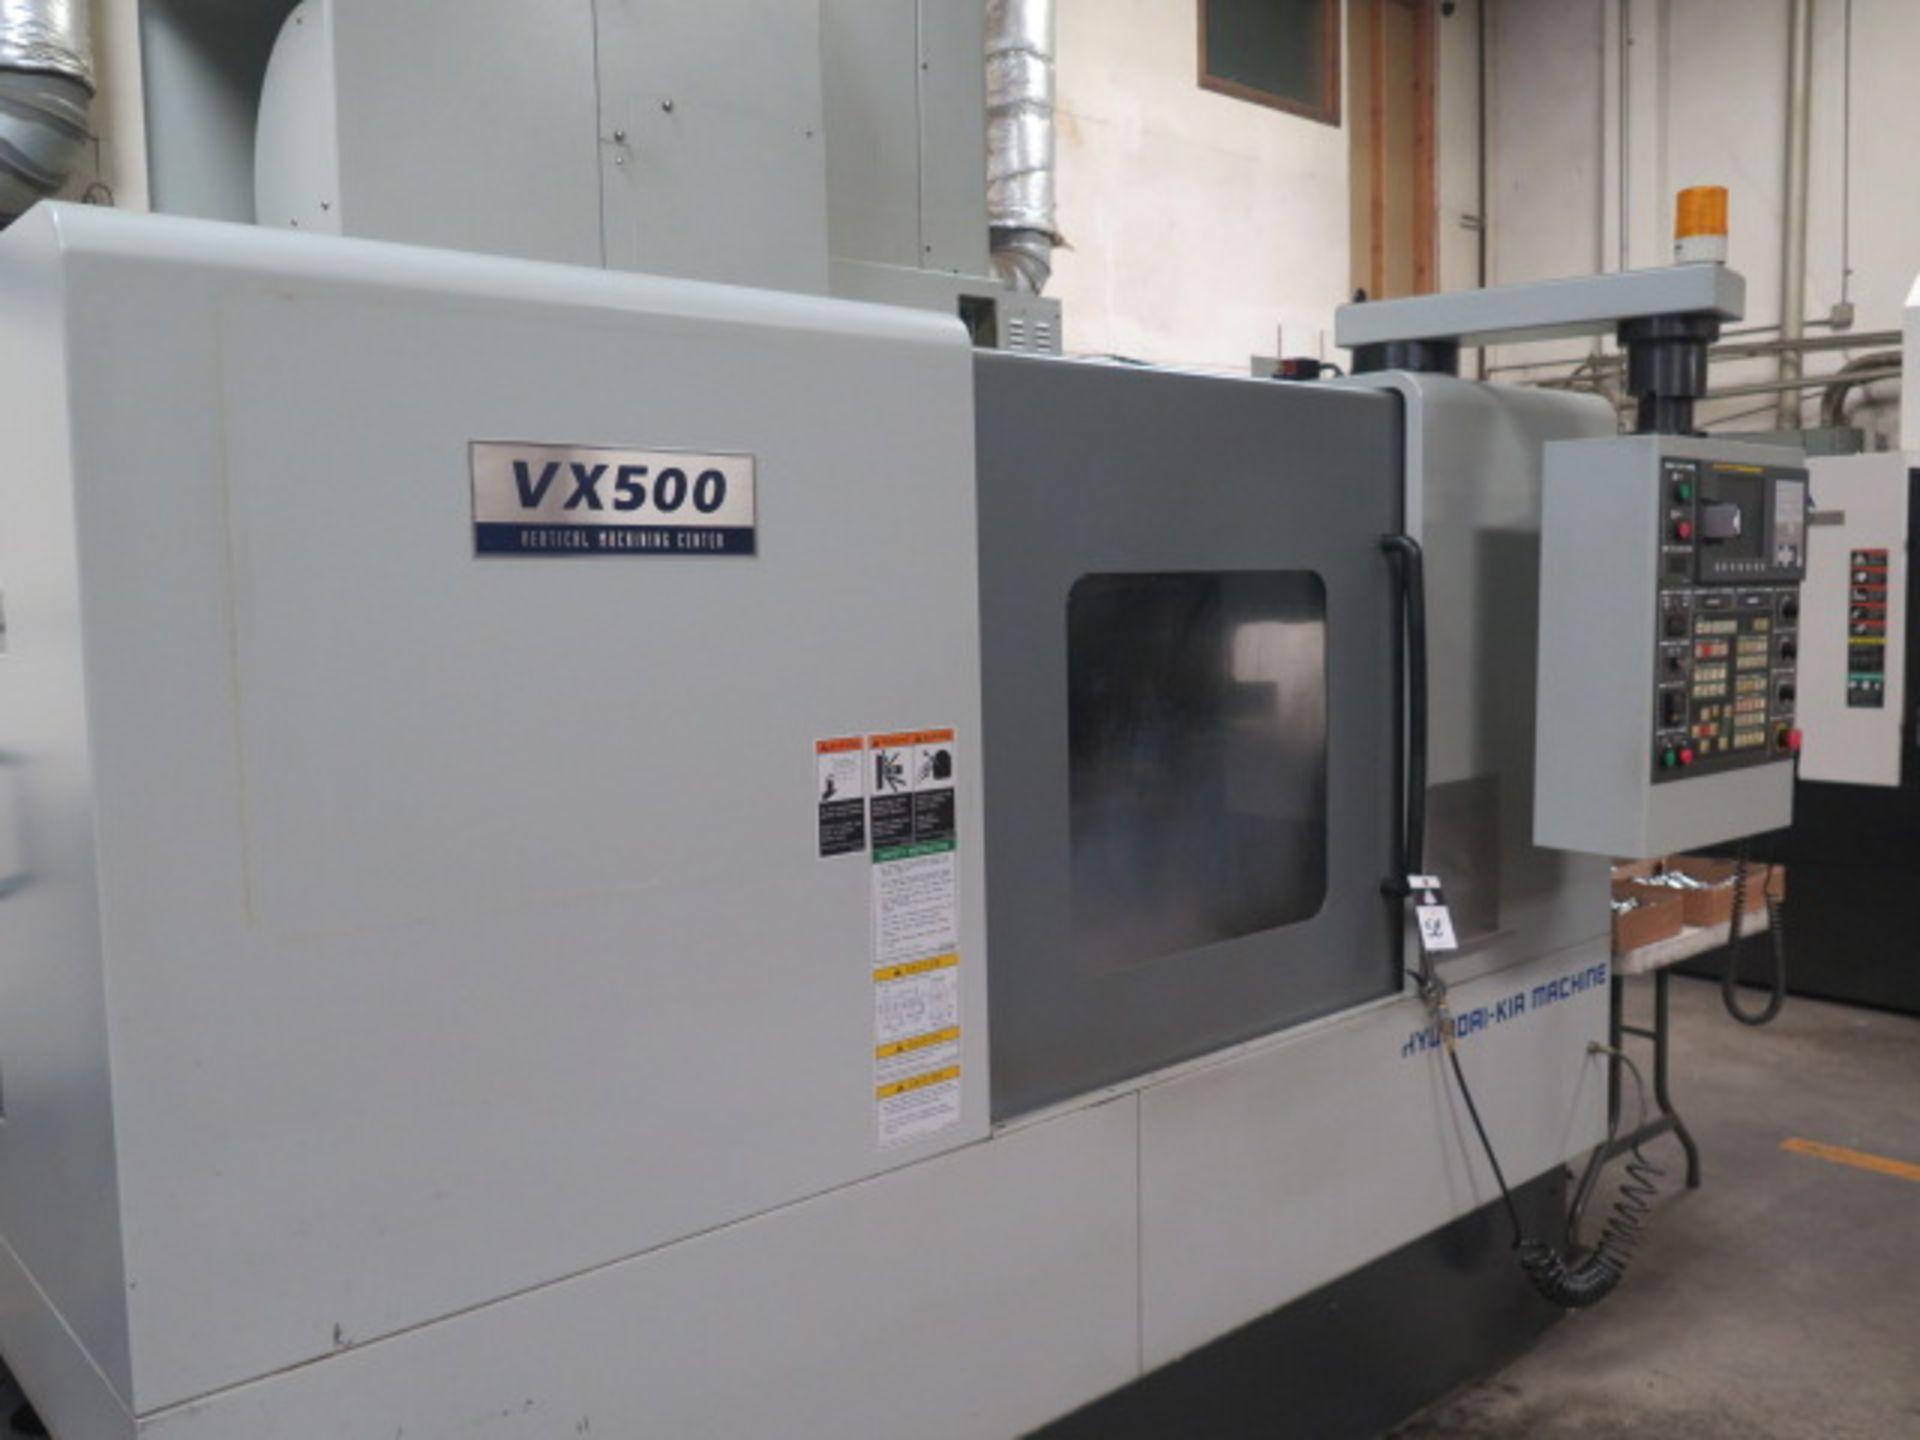 2004 Hyundai WIA VX500 4-Axis CNC VMC s/n VX5000882 w/ Hyundai WIA Fanuc i- Series, SOLD AS IS - Image 3 of 23